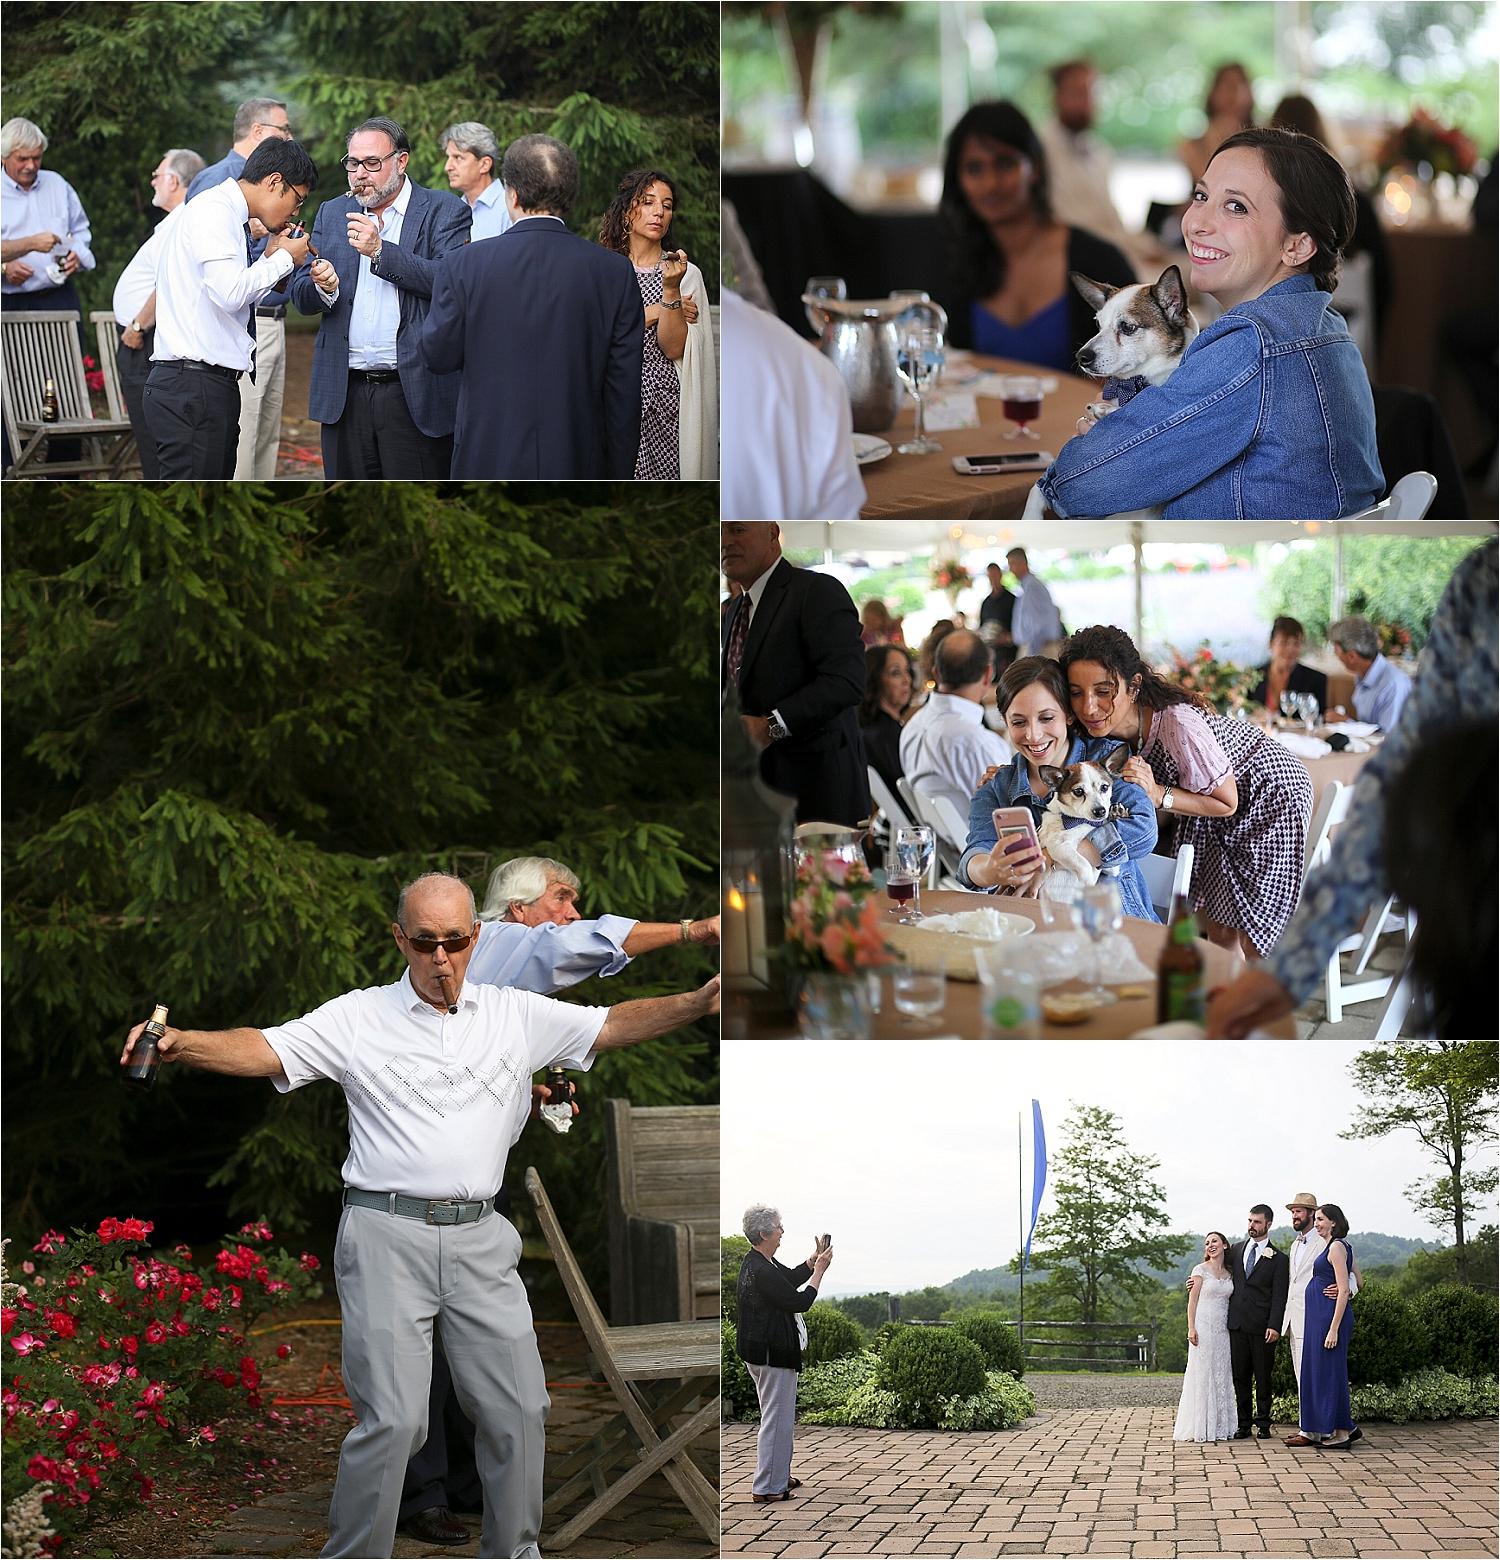 Chateau-Morrisette-Winery-Vineyard-Virginia-Wedding-Photos-_0038.jpg